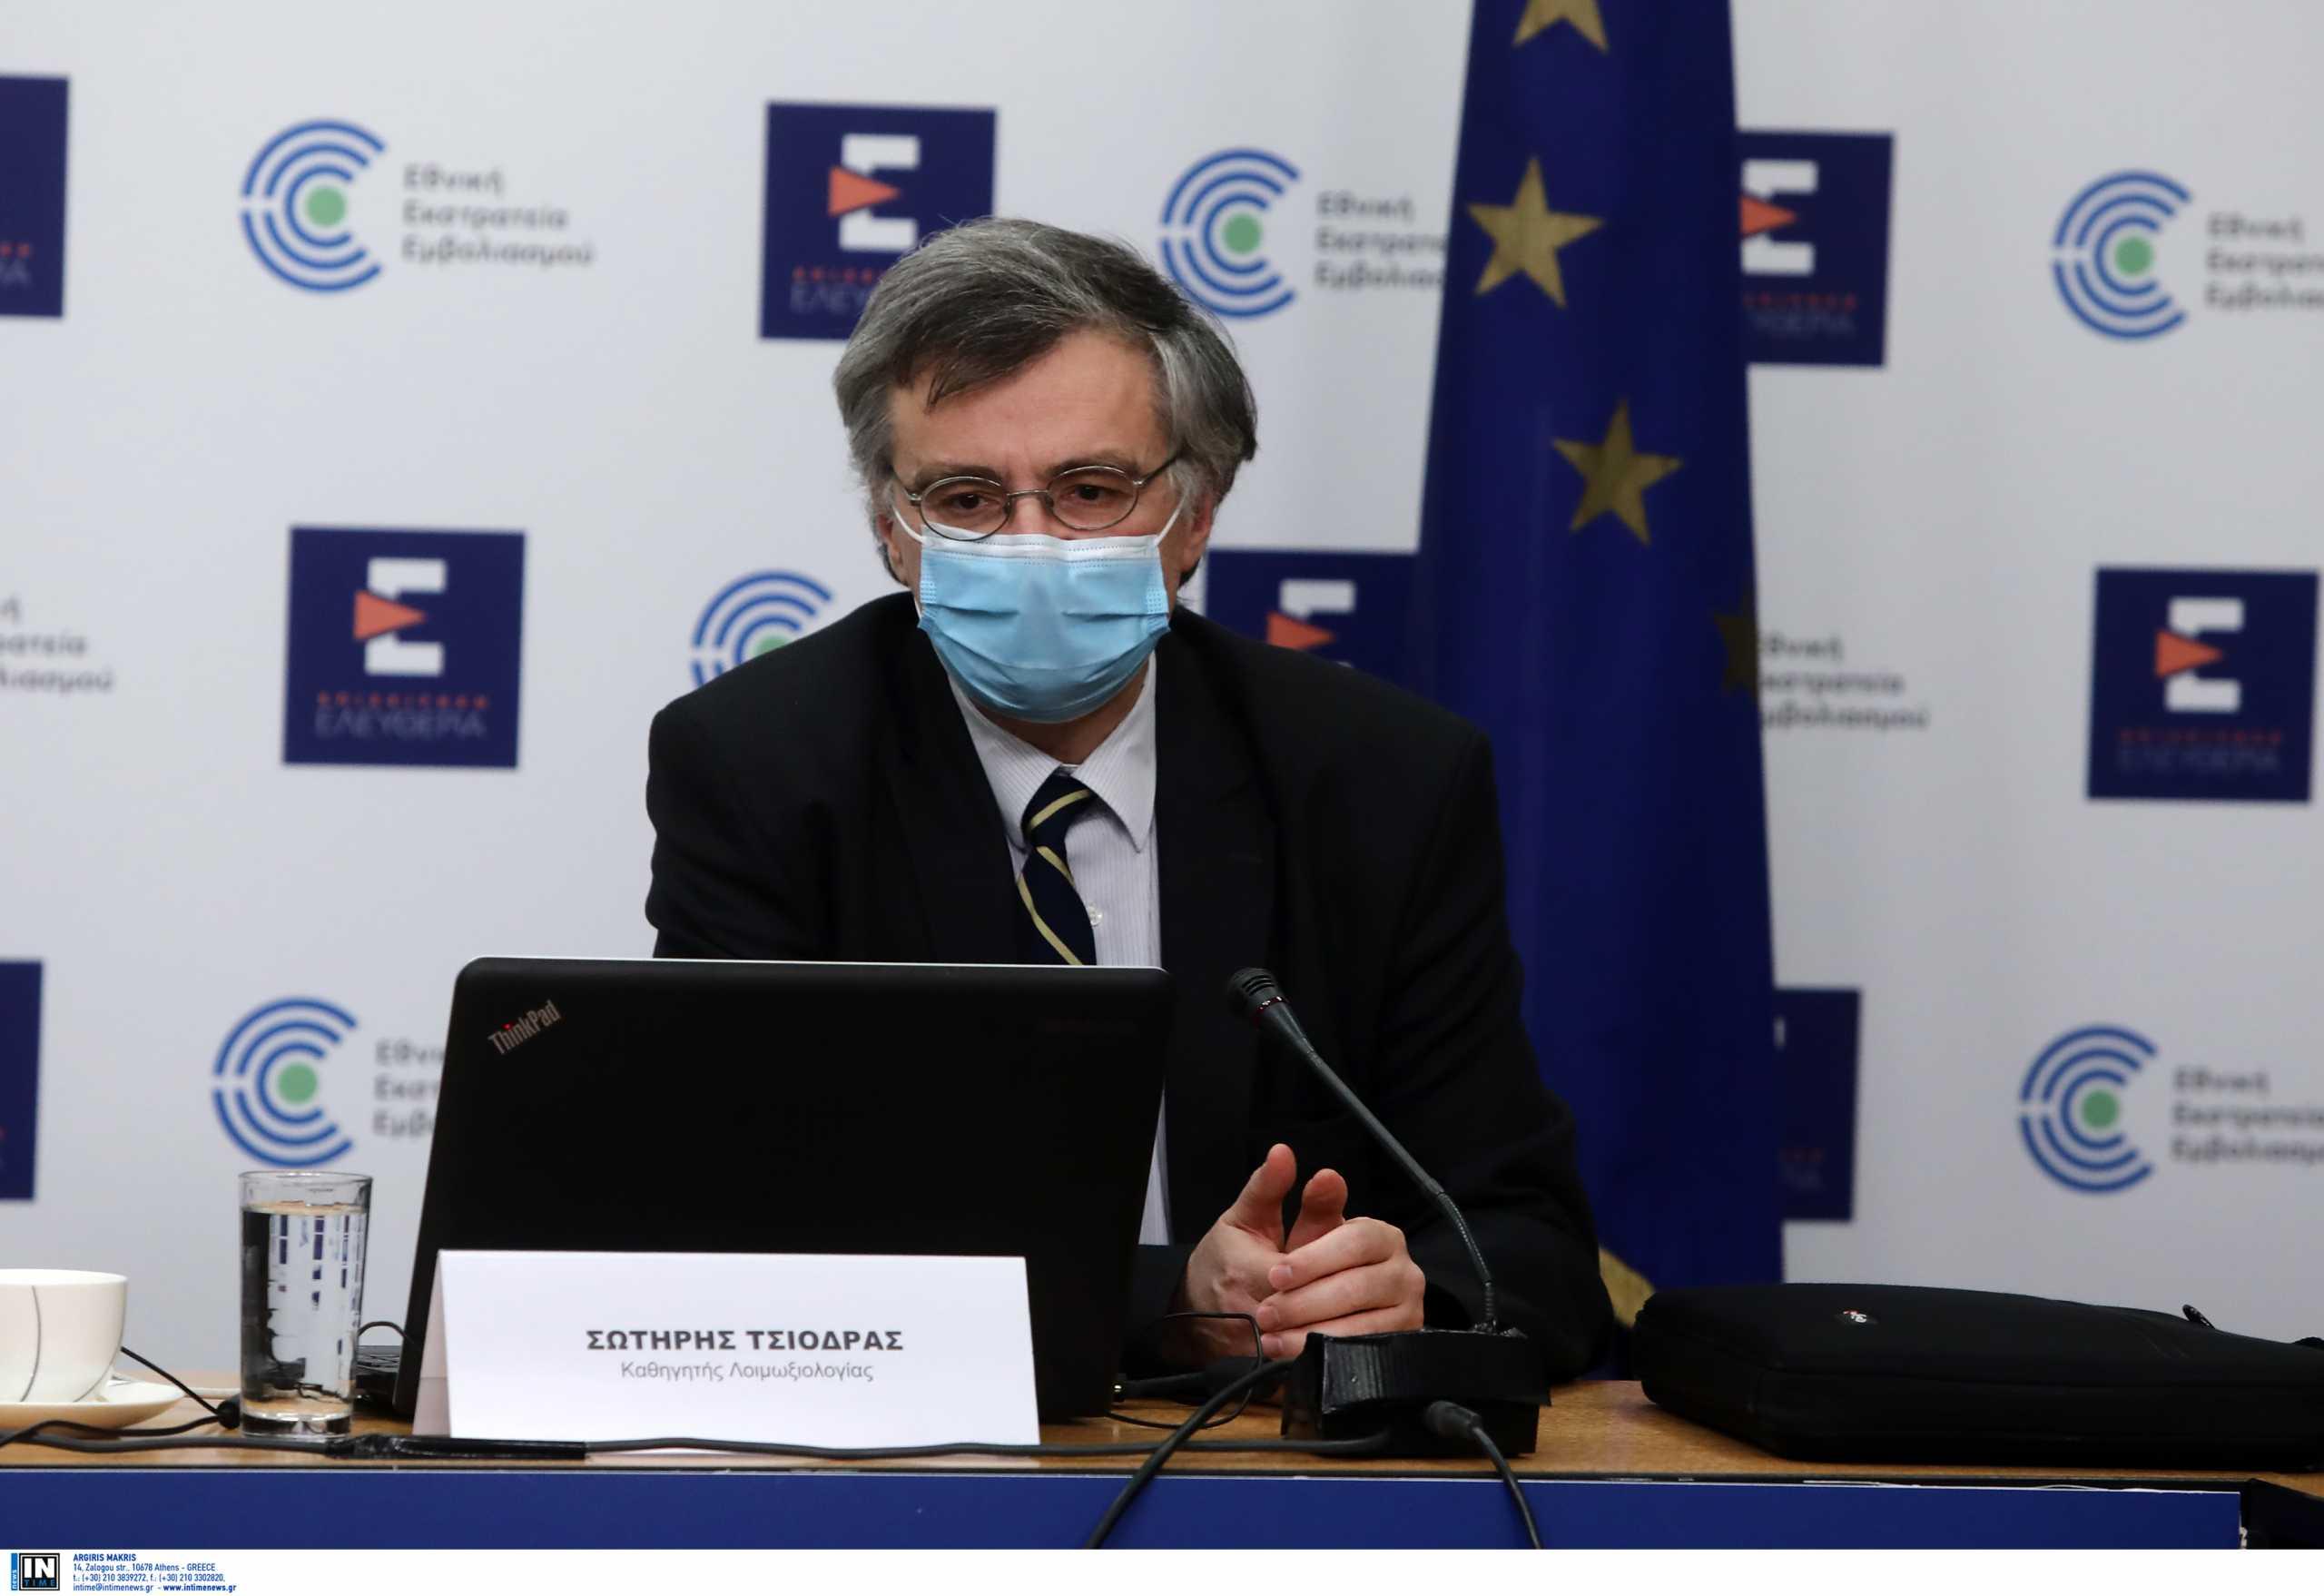 Πρόεδρος Ξενοδόχων Ηρακλείου: Ο Τσιόδρας πρότεινε lockdown σε Ηράκλειο και Ρέθυμνο